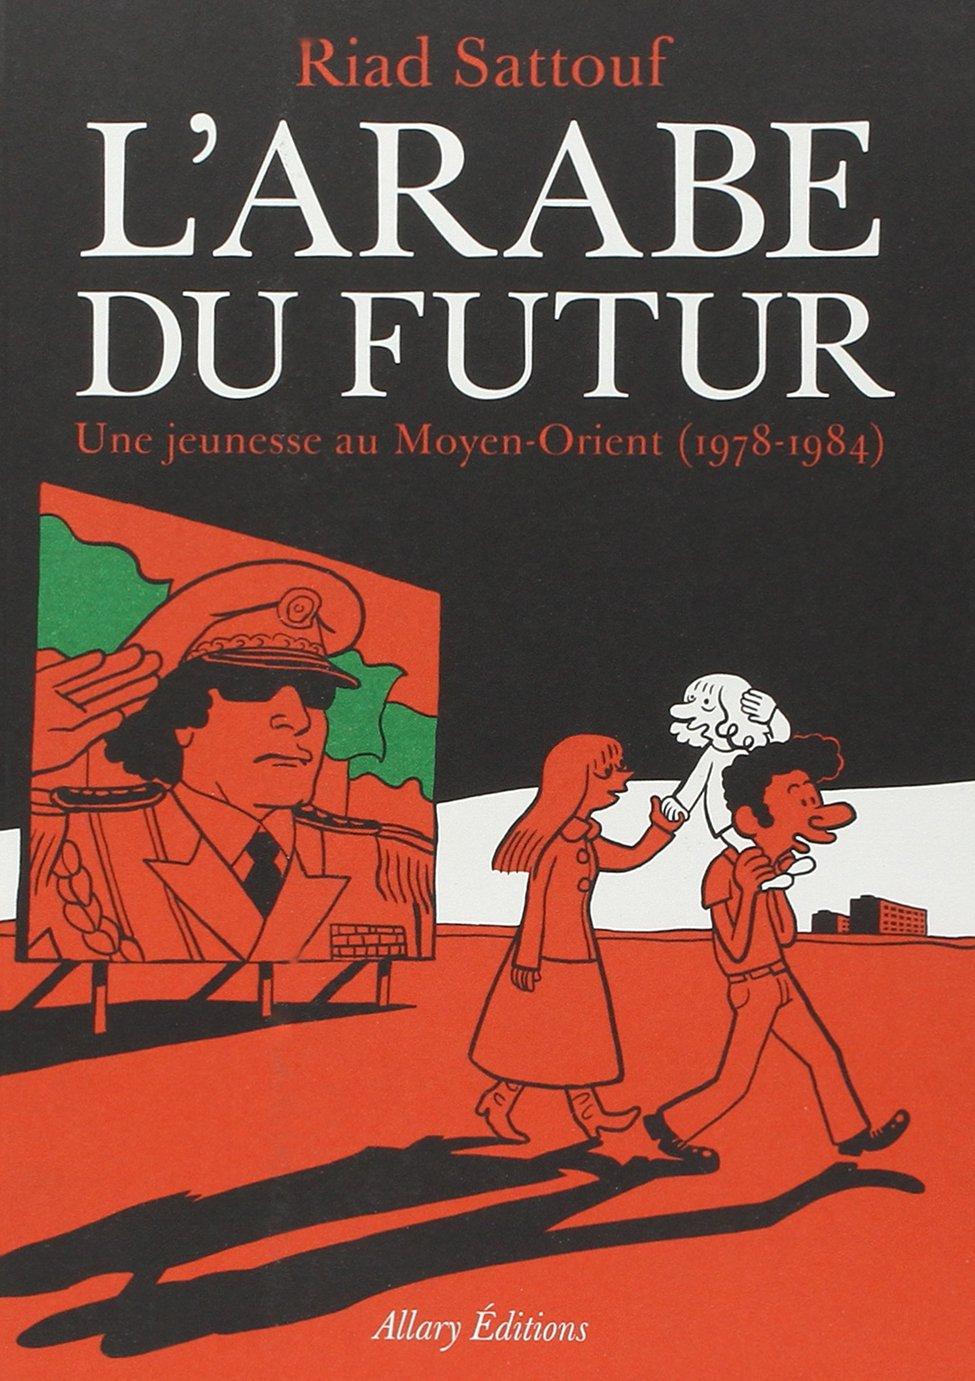 L'Arabe du futur - Une jeunesse au Moyen-Orient (1978-1984)